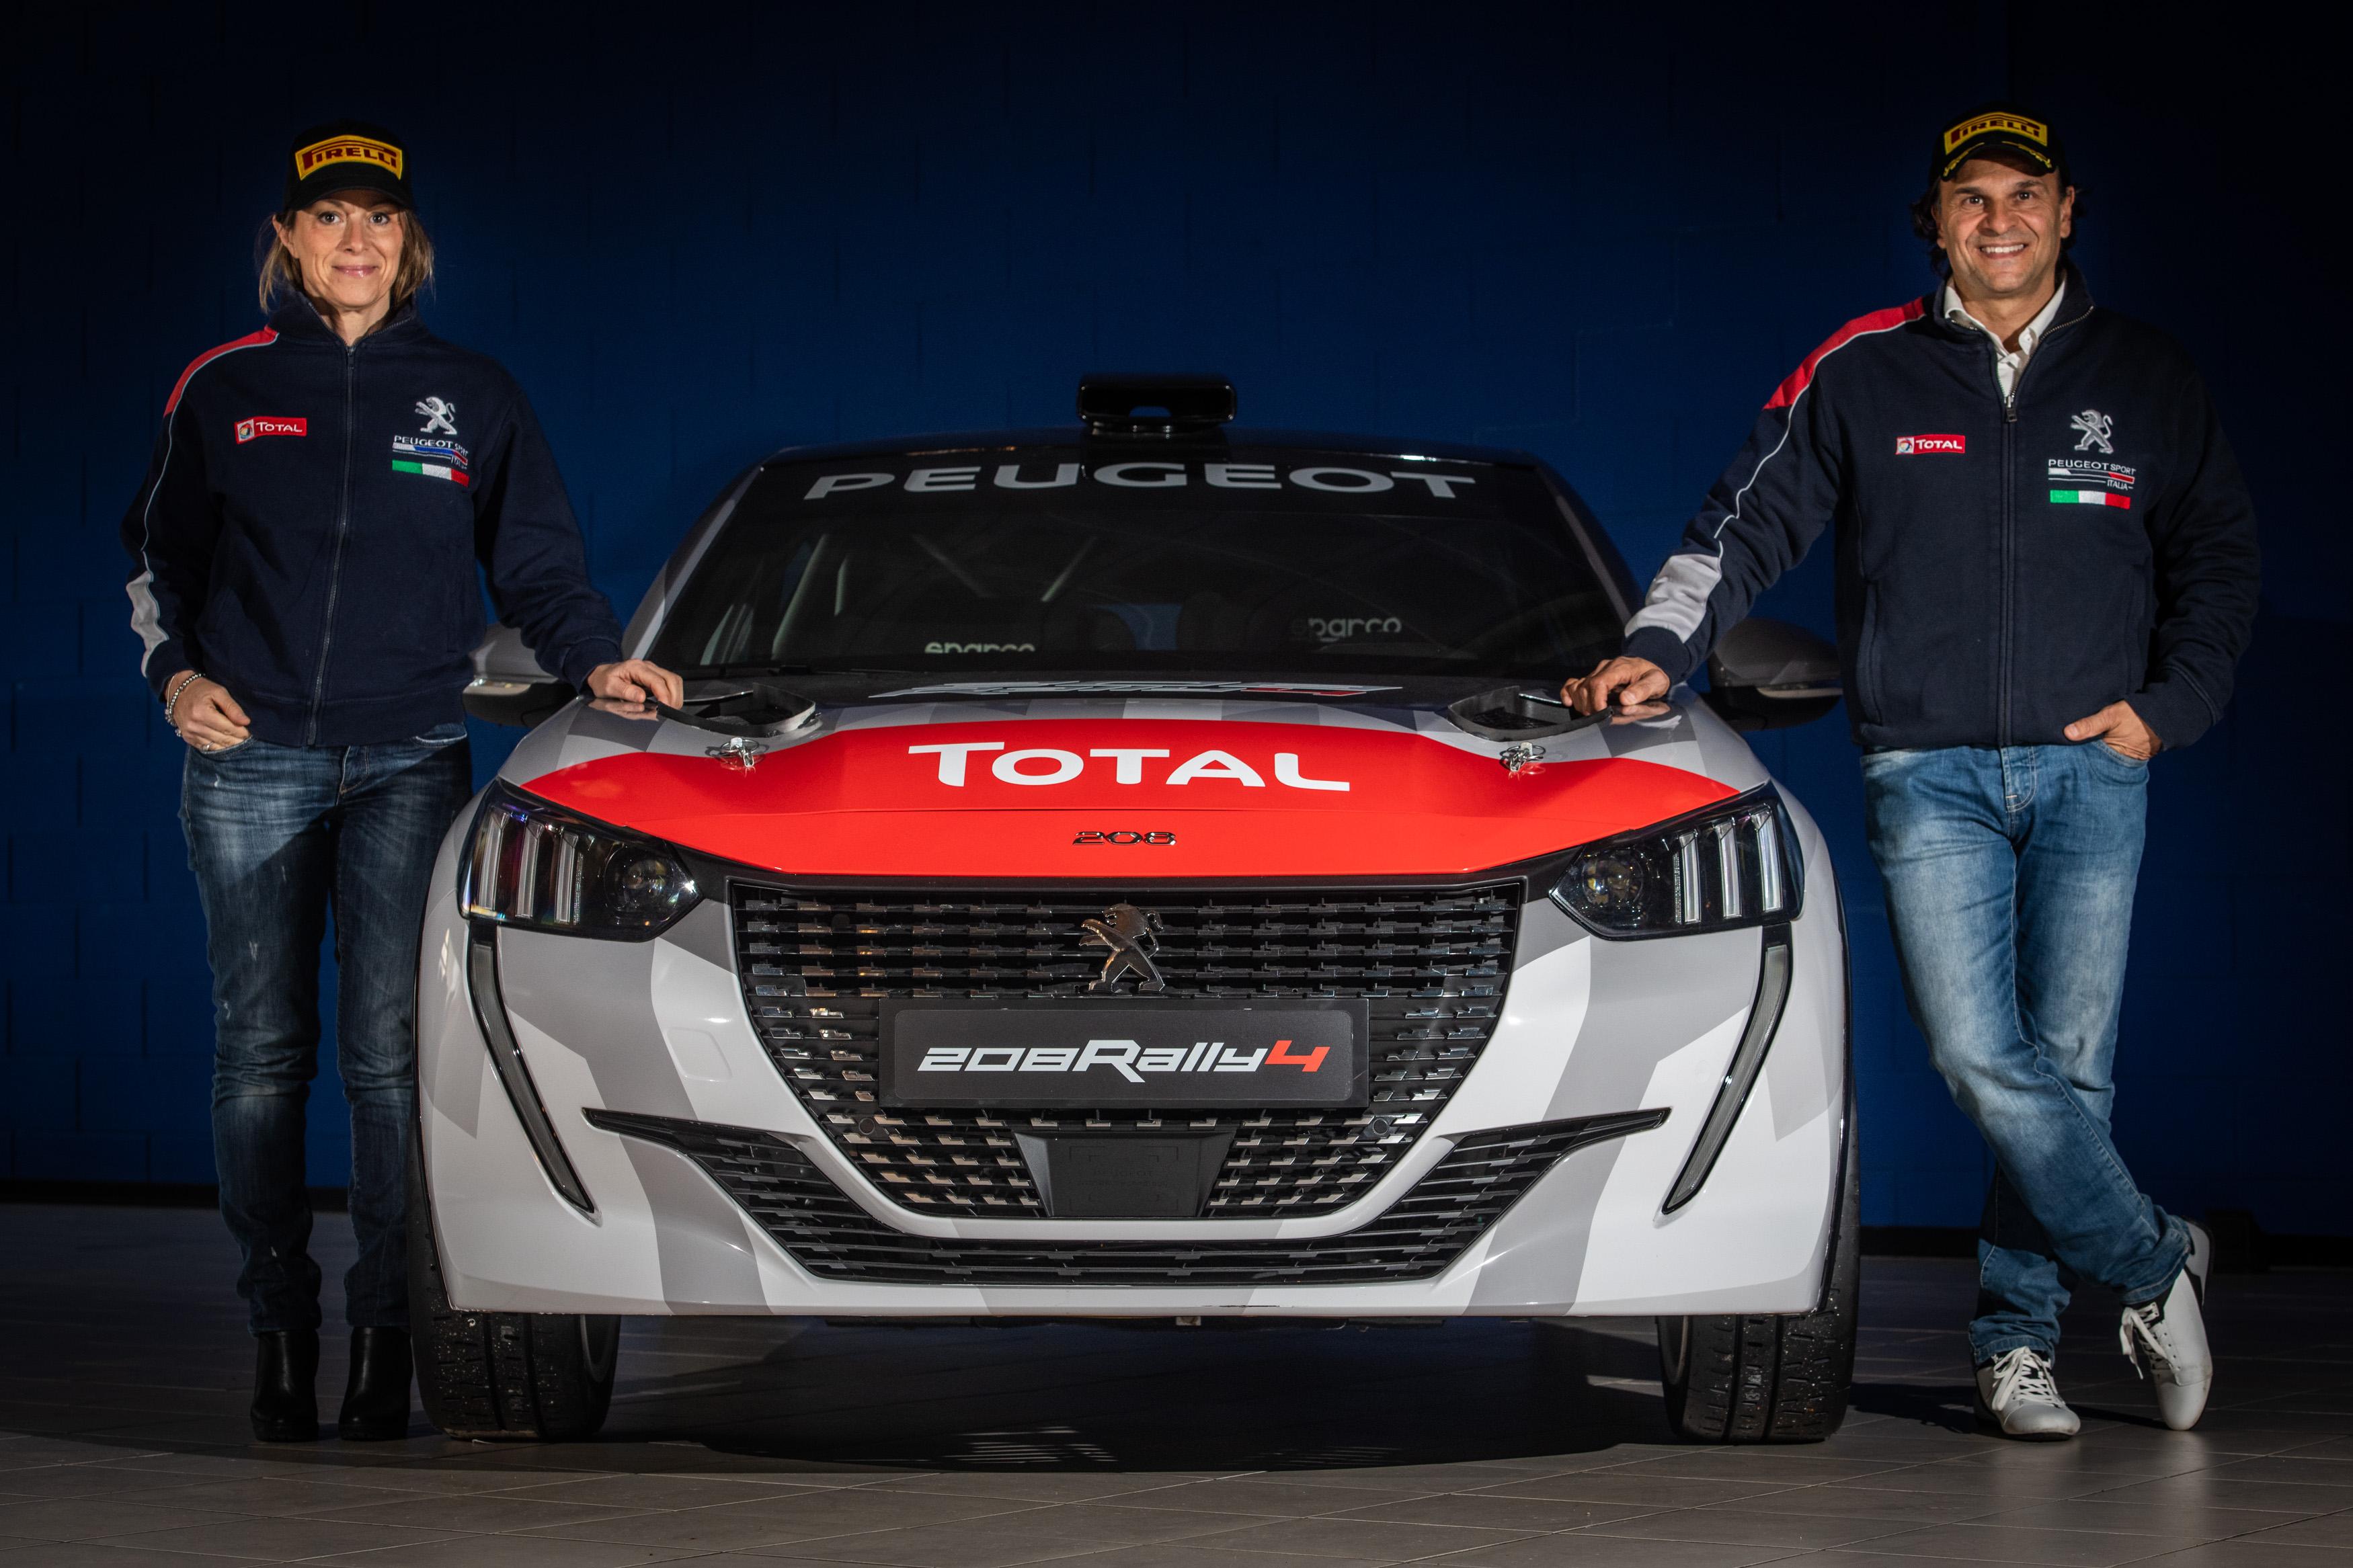 Paolo Andreucci e Anna Andreussi di nuovo nel Tricolore - image Peugeot-208-Rally-4-con-Paolo-e-Anna on https://motori.net